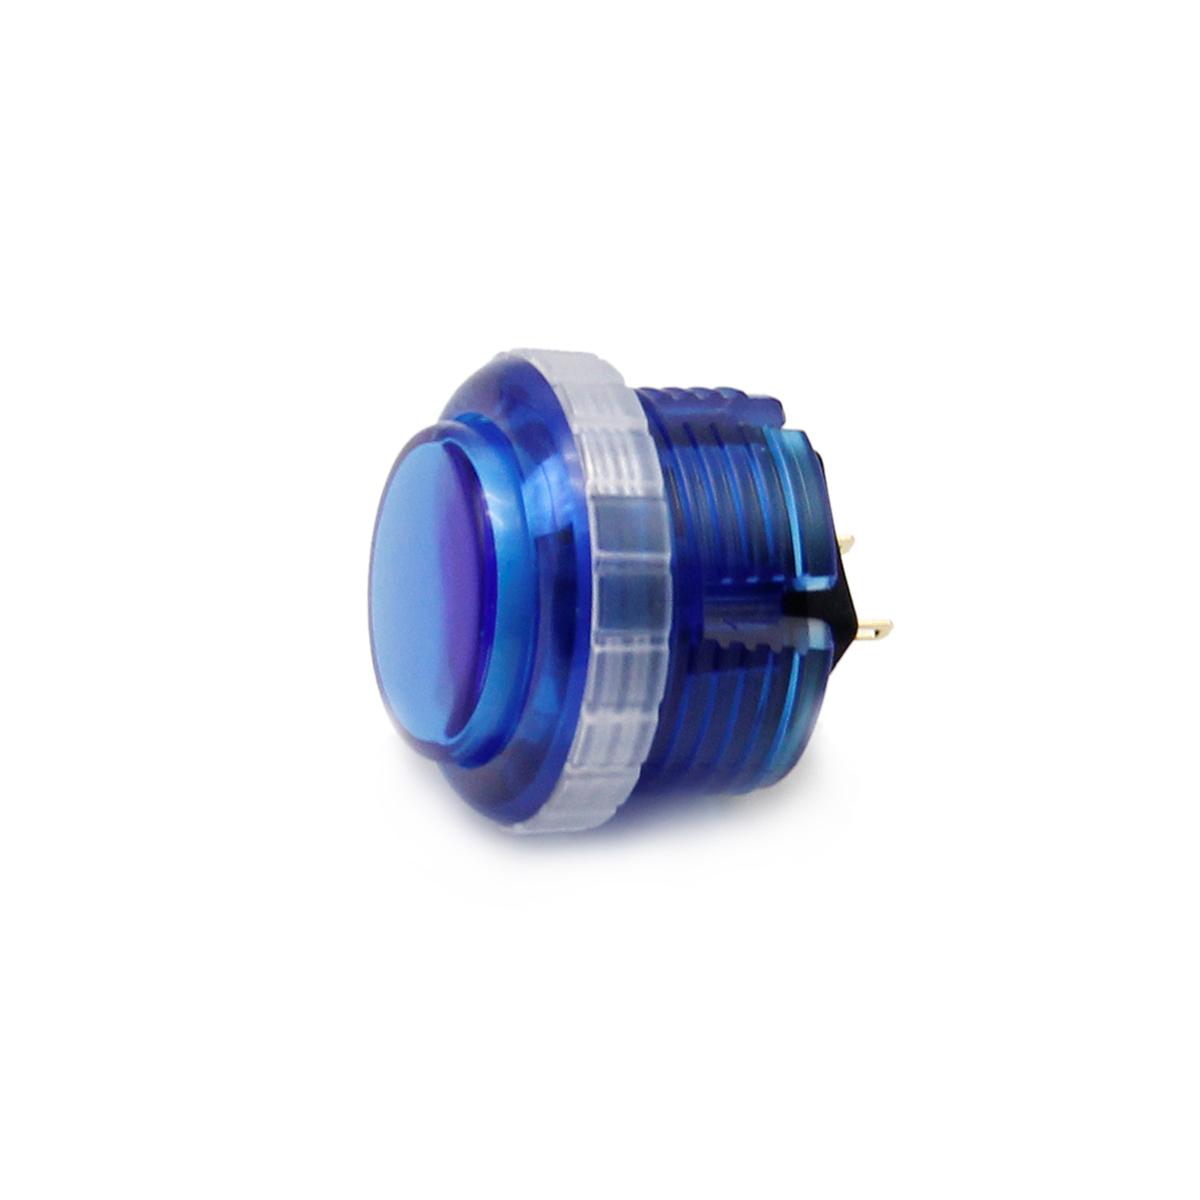 【クリア】Qanba Gravity(グラビティ)メカニカルスイッチ アーケード ボタン 30mm(ネジ式)